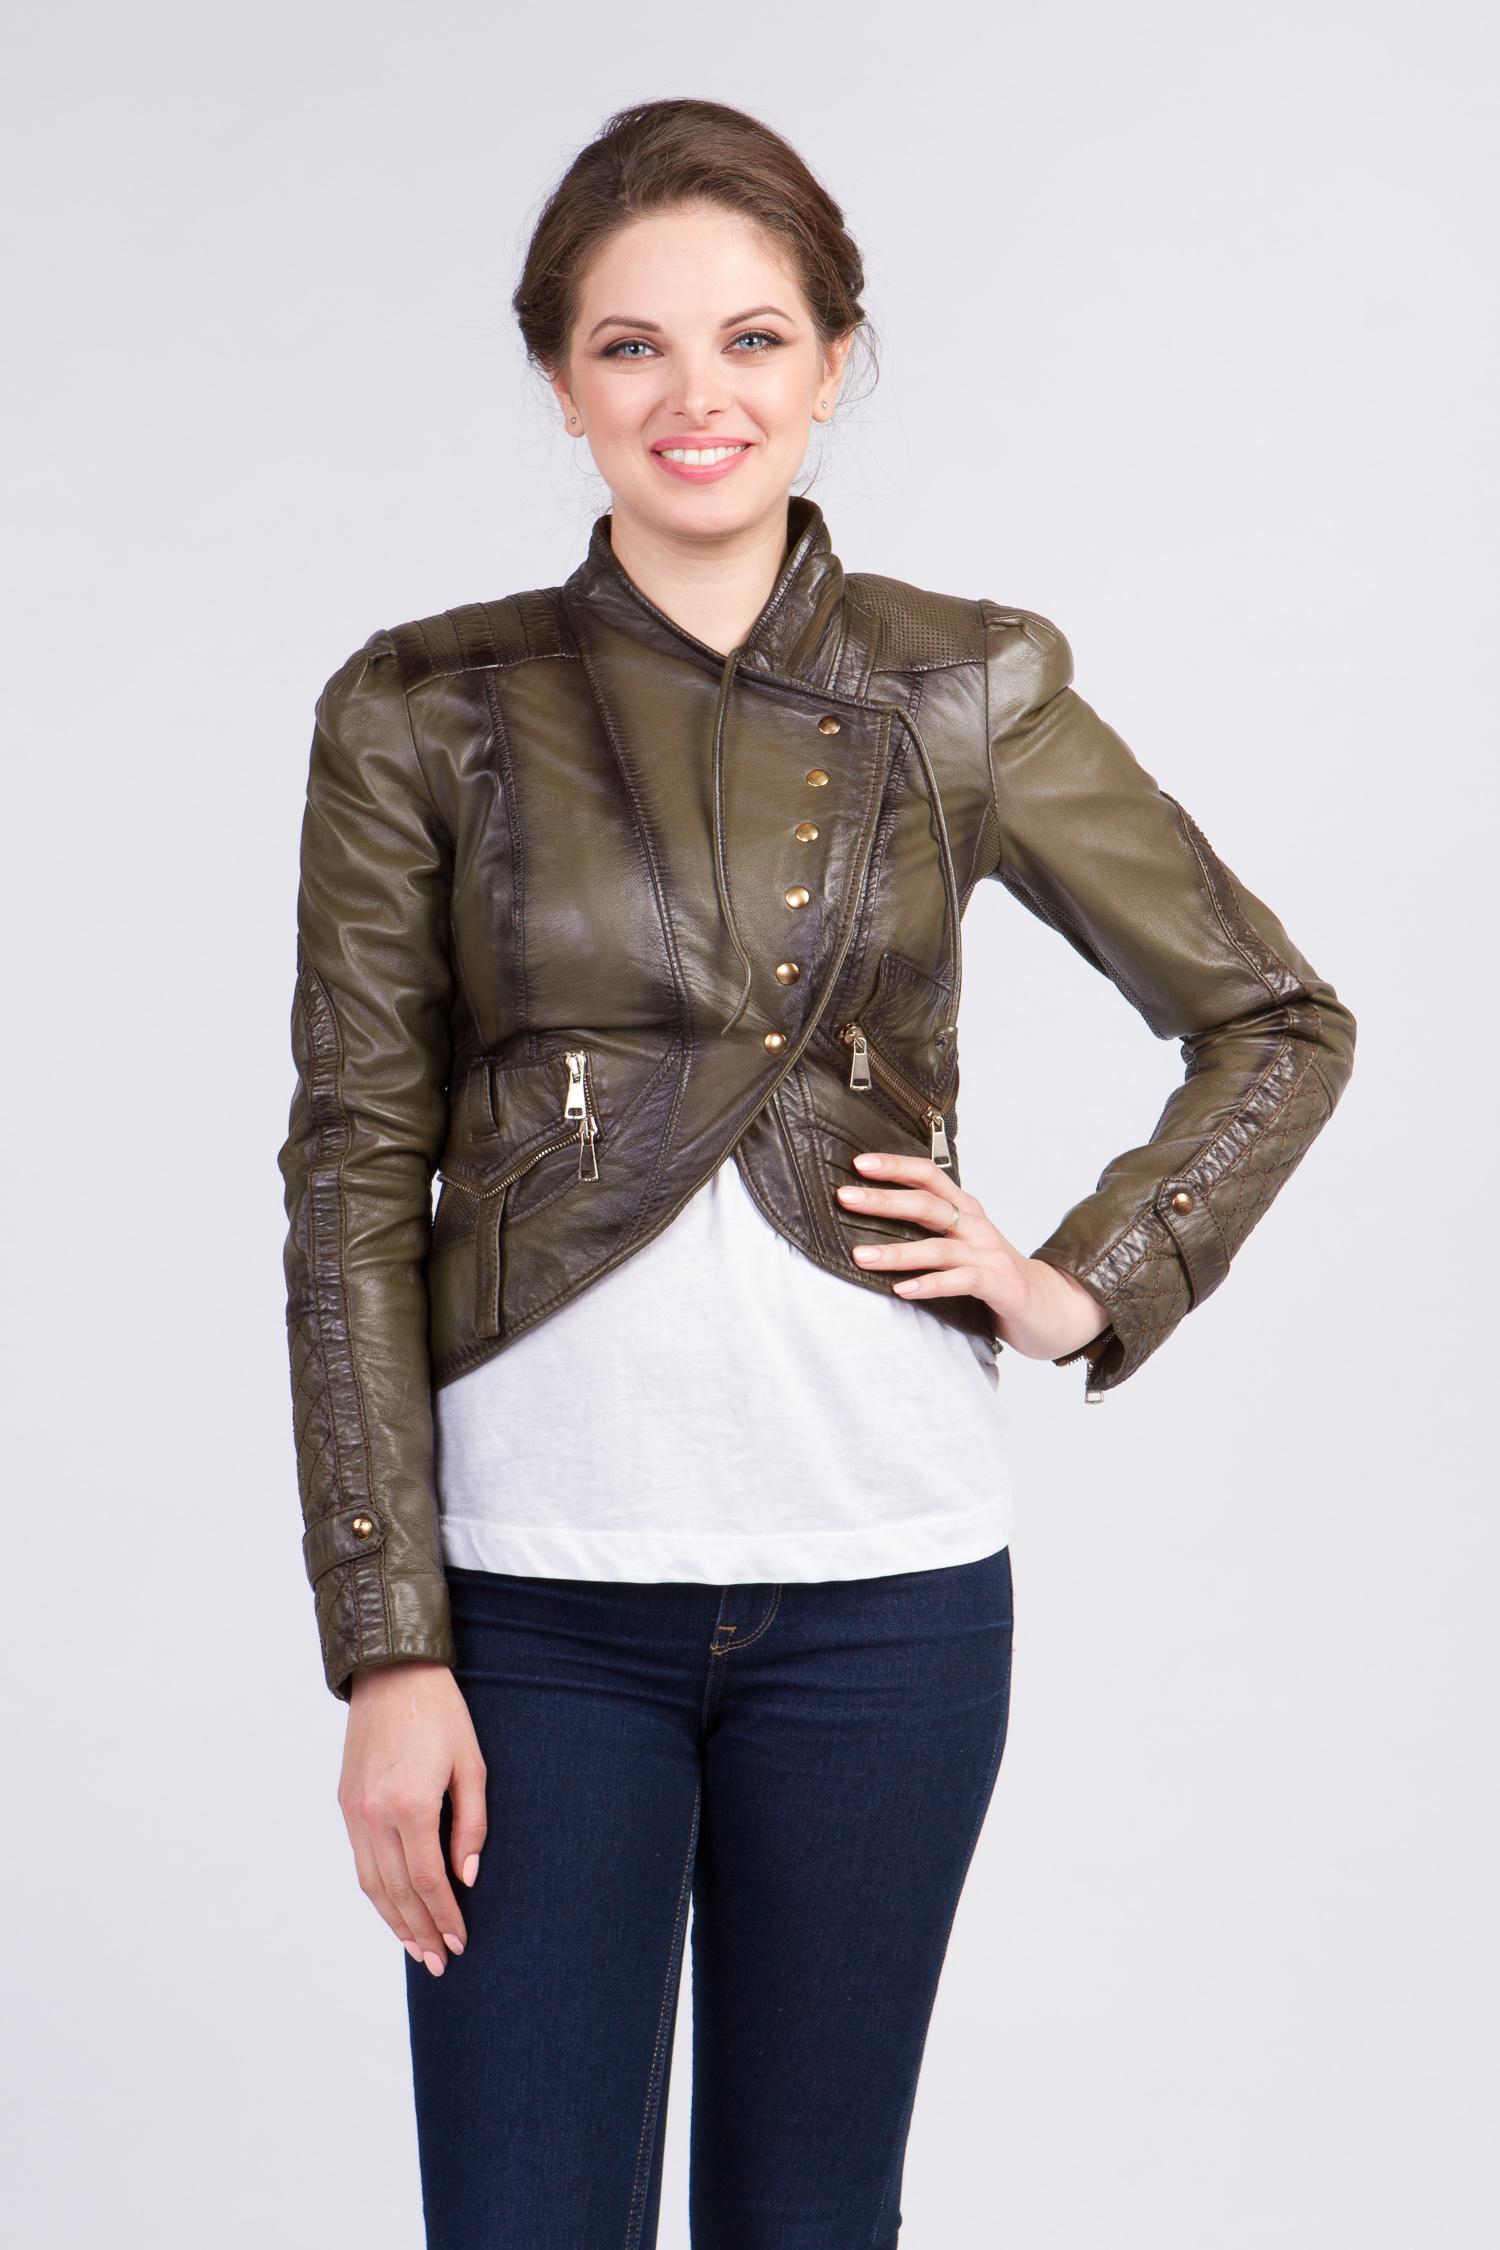 Женская кожаная куртка из натуральной кожи с воротником, без отделки<br><br>Воротник: стойка<br>Длина см: Короткая (51-74 )<br>Материал: Кожа овчина<br>Цвет: зеленый<br>Вид застежки: косая<br>Застежка: на кнопки<br>Пол: Женский<br>Размер RU: 42